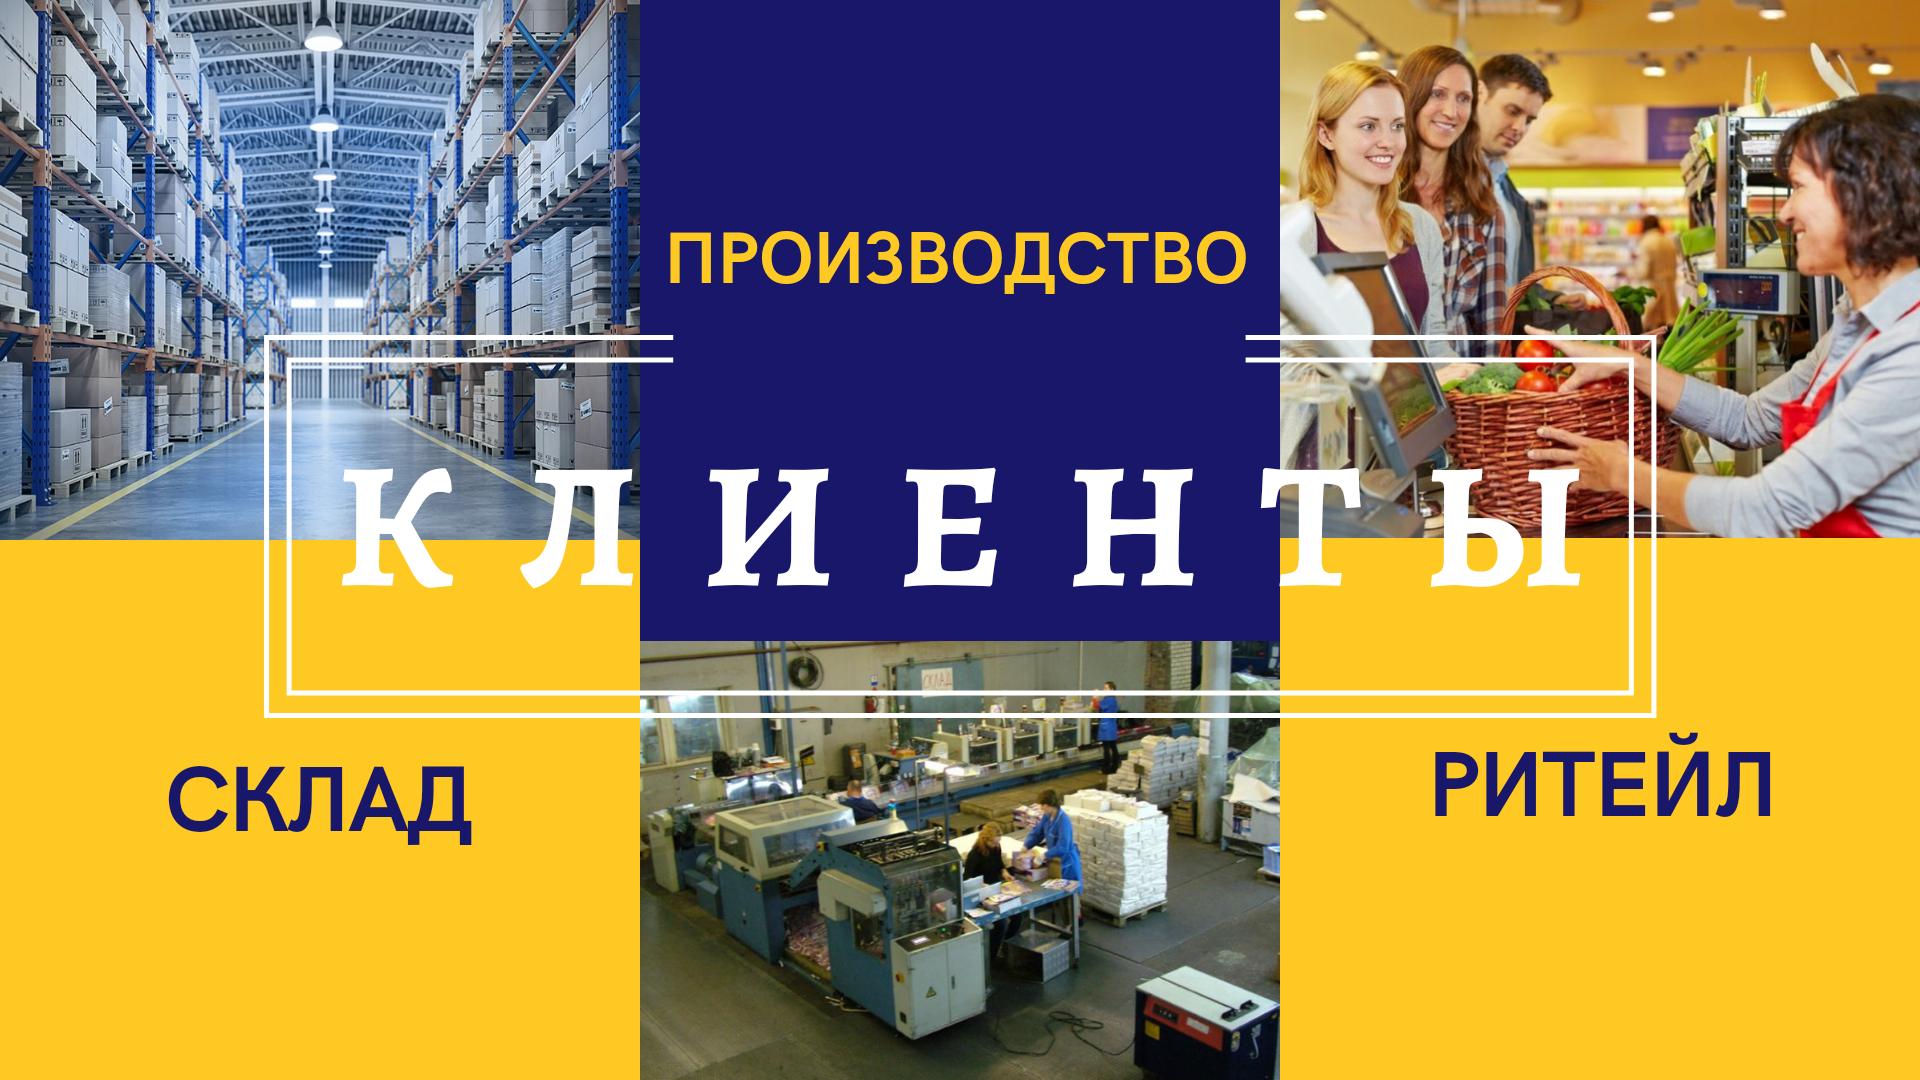 Сотрудник поиск, услуга аутсорсинг, персонал подбор, аутсорсинг персонала в Москве, персонал аренда, временный персонал, услуги грузчиков, наёмный персонал, услуги комплектовщиков, массовый подбор персонала на склады, ищу грузчиков, аутсорсинговая компания Москва, HR, аутстаффинг персонала, лизинг персонала, аренда персонала, работа для всех, требуются грузчики, вывести персонал за штат, услуги водитель высотного штабелера, услуги для бизнеса, B2B, услуги водитель погрузчика, услуги работник торгового зала,Рекрутинг, Рекрутёр, Региональный представитель, вакансия грузчик